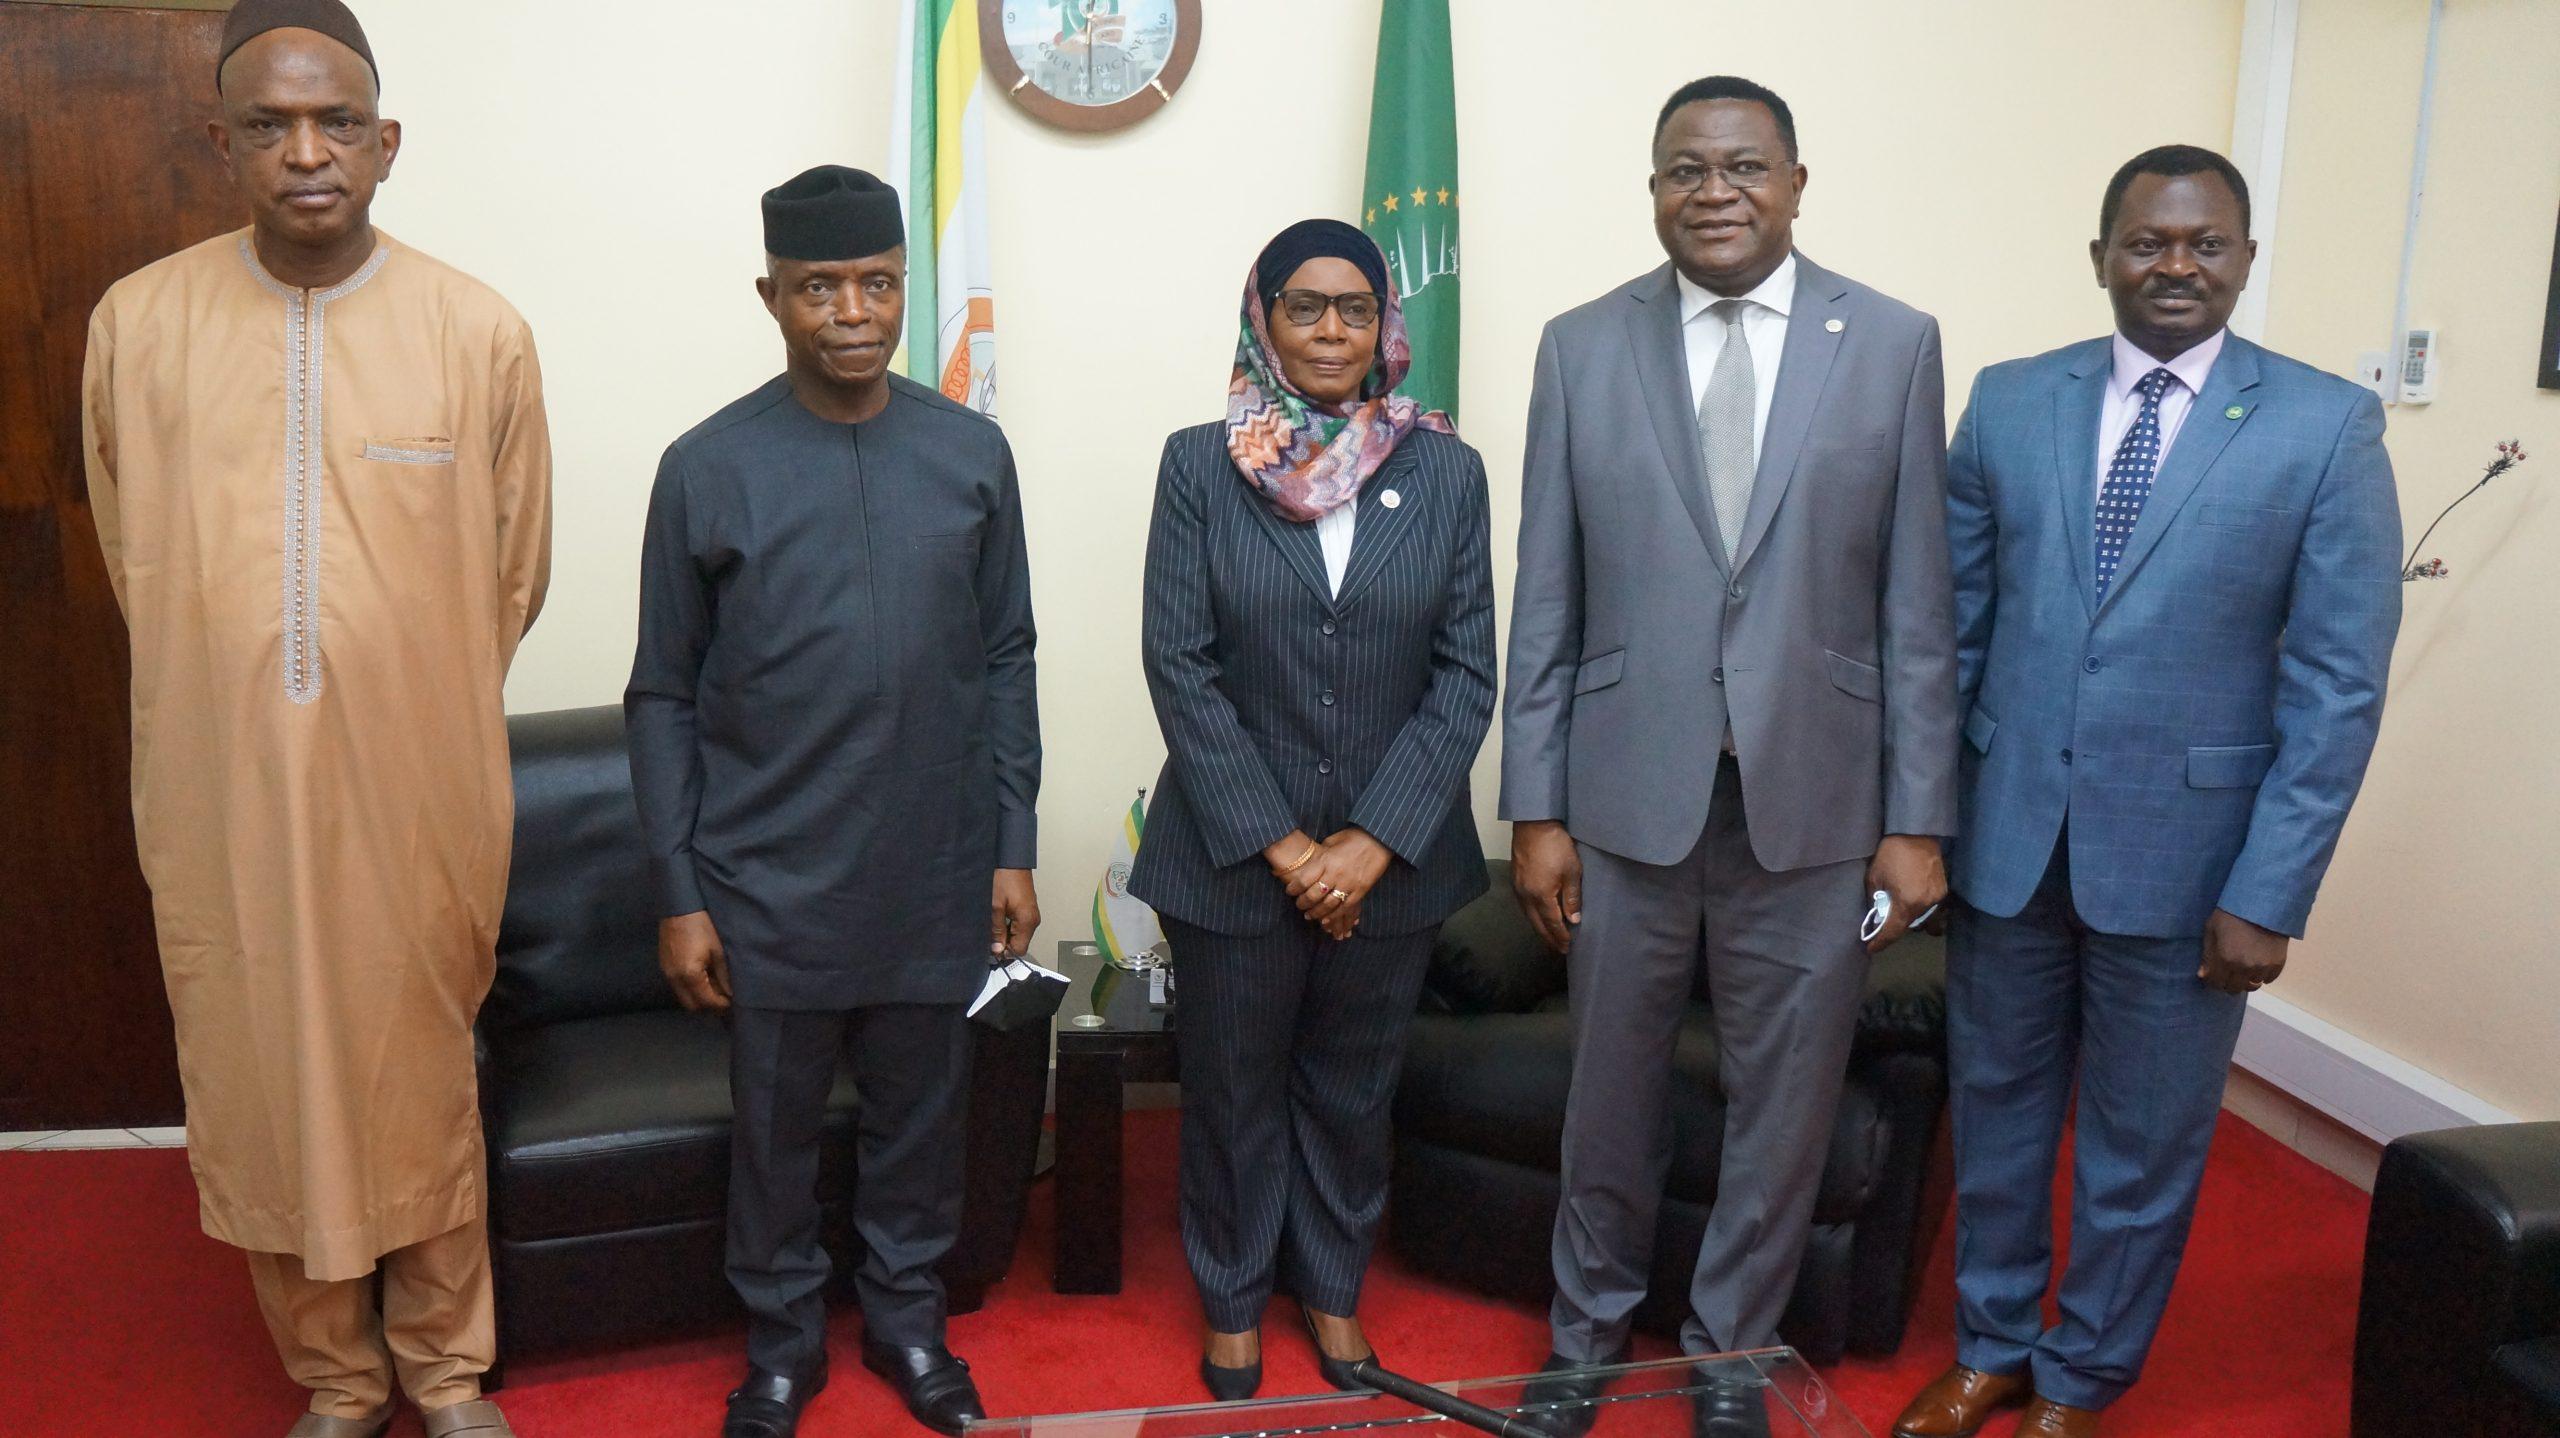 O VICE-PRESIDENTE DA NIGÉRIA EFECTUA UMA VISITA AO TRIBUNAL AFRICANO